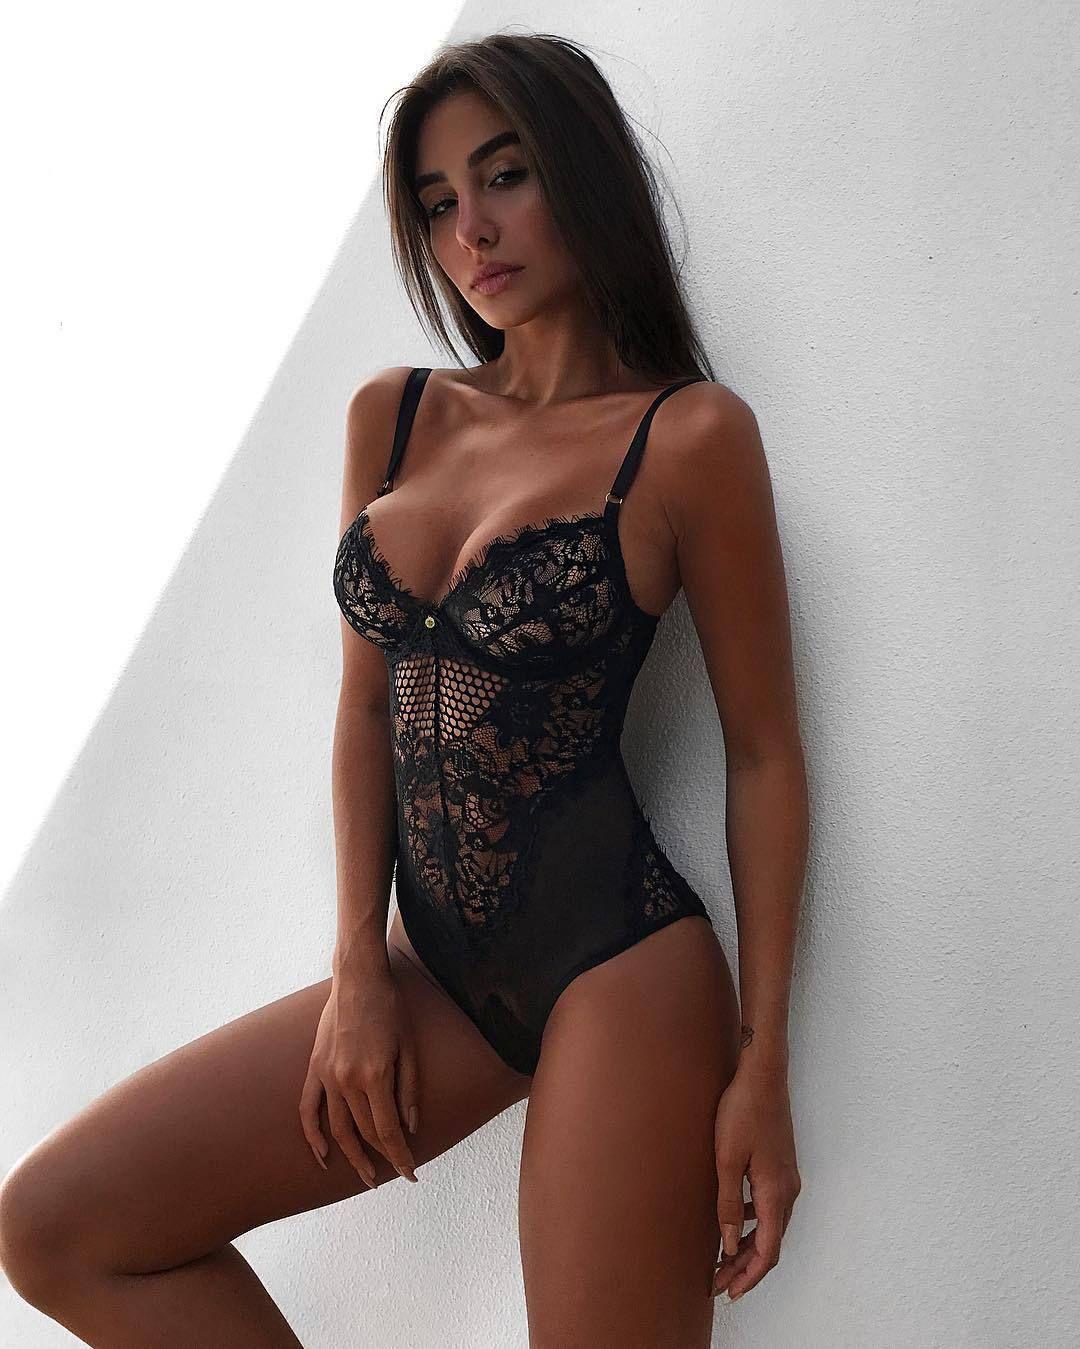 MILF pornostjerne hot brunette